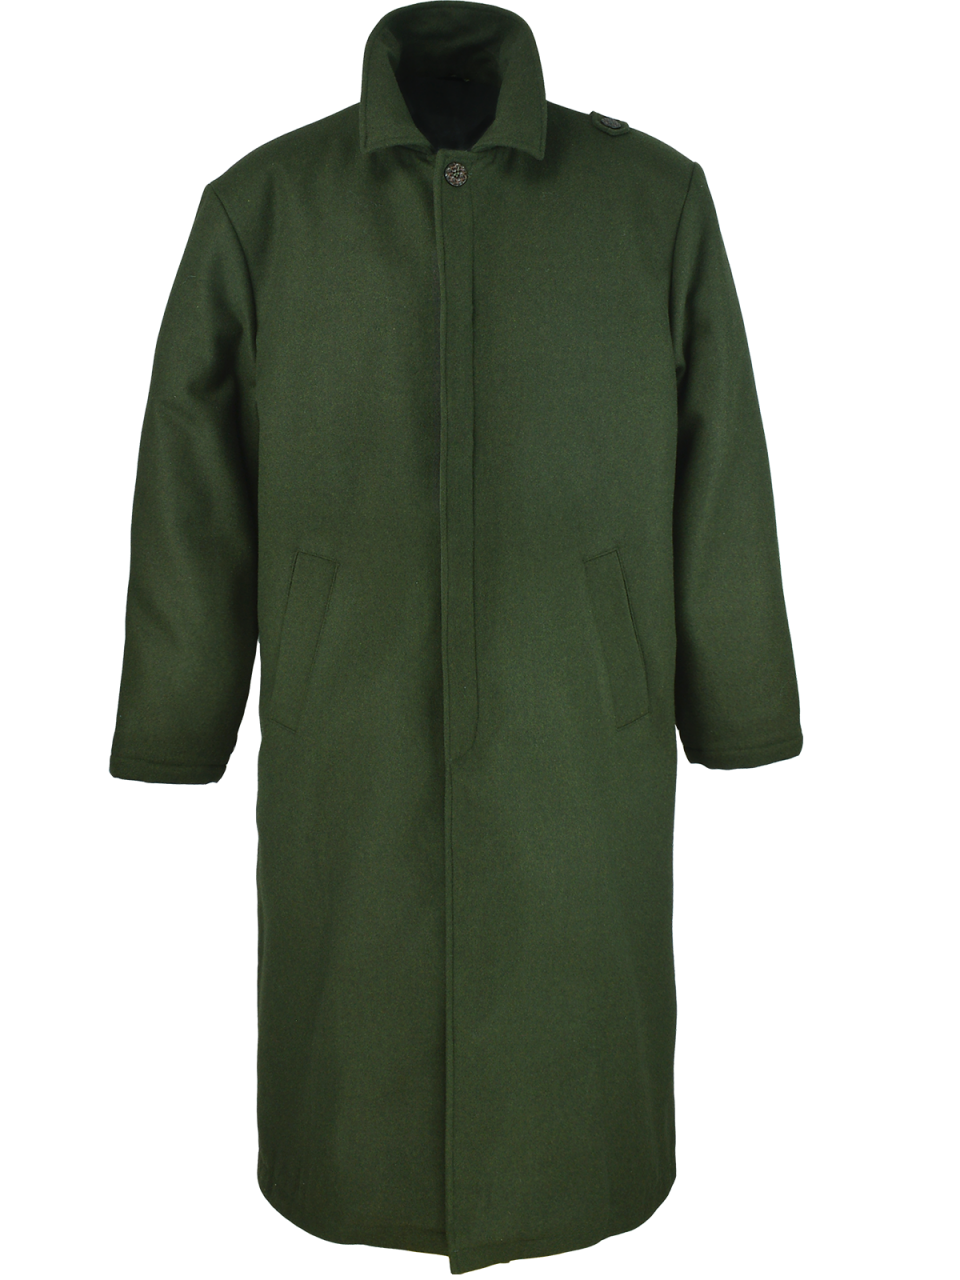 poľovnícky zateplený kabát HARALD outdoorové oblečenie pred